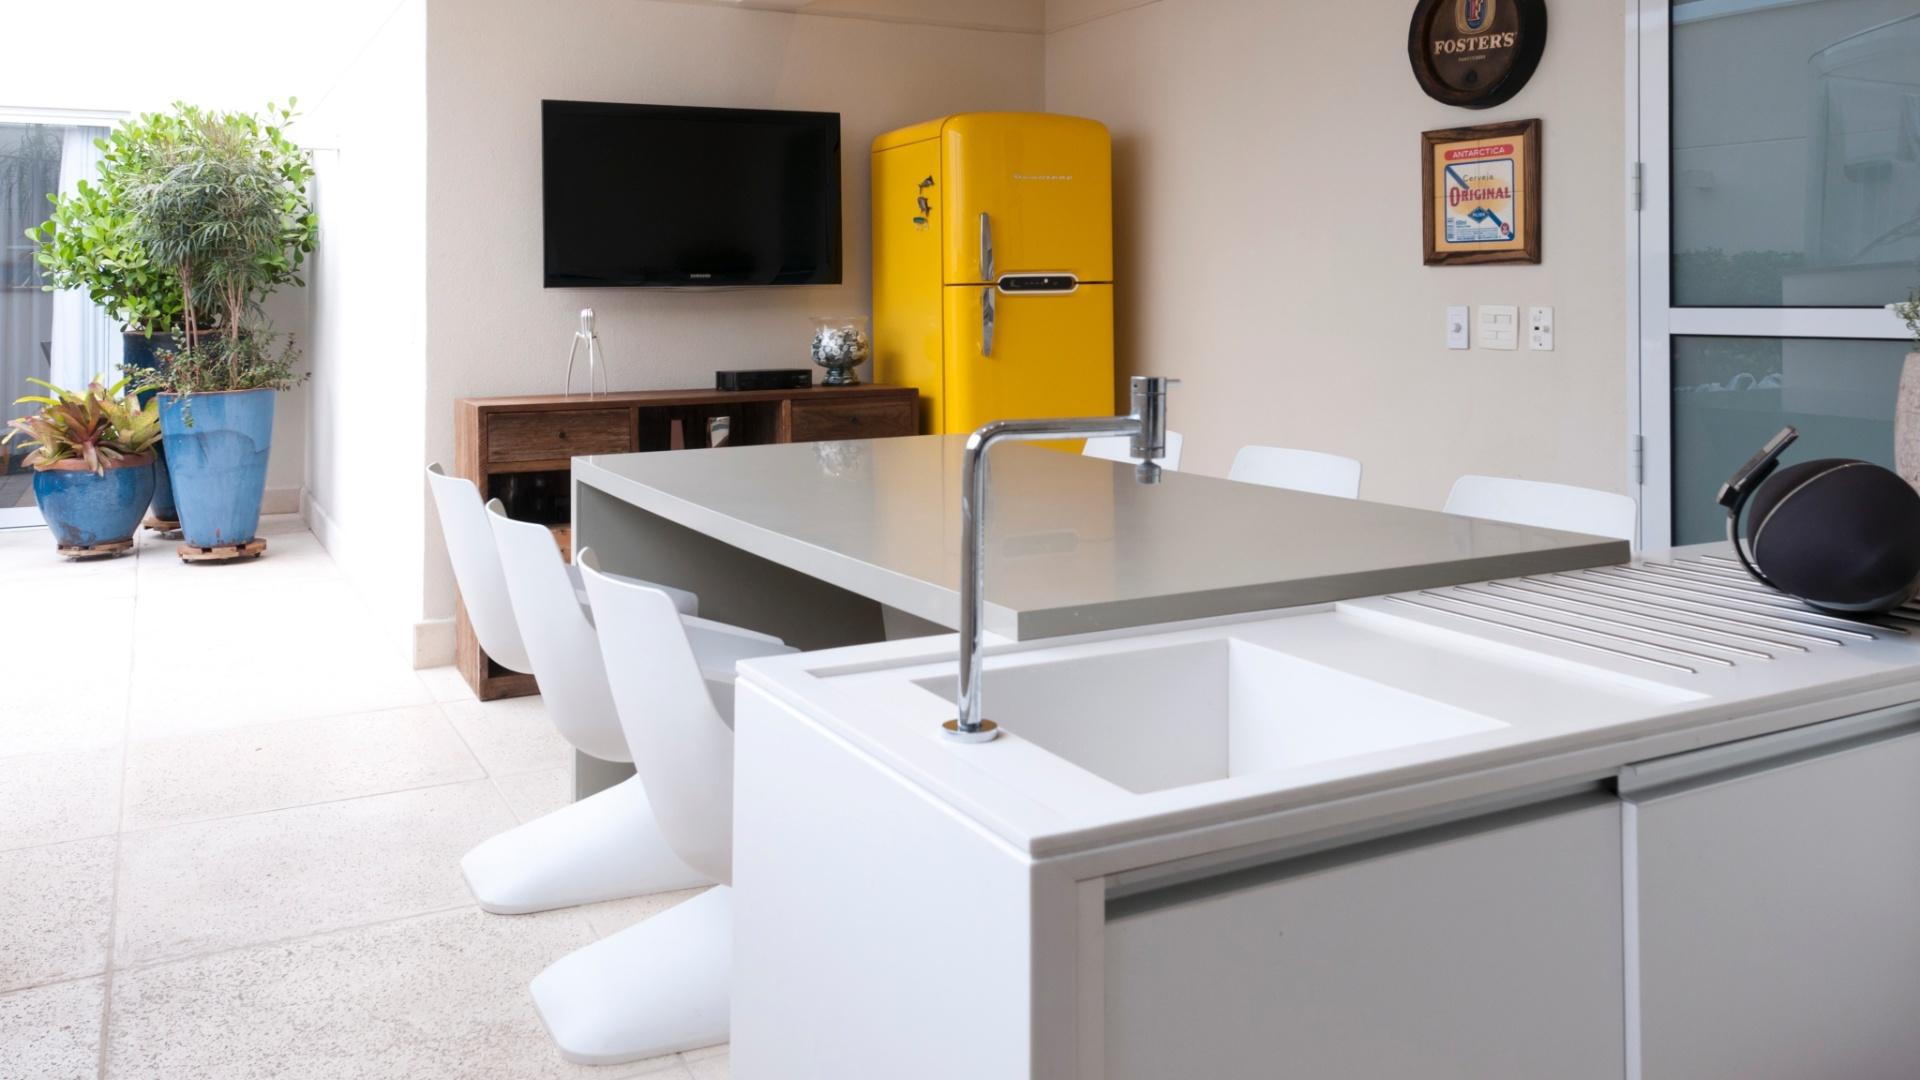 Para aproveitar melhor o espaço disponível, os arquitetos Olegário Sá e Gilberto Cioni escolheram para varanda gourmet uma mesa retangular junto à bancada. Destaque para a geladeira na cor amarela e desenho